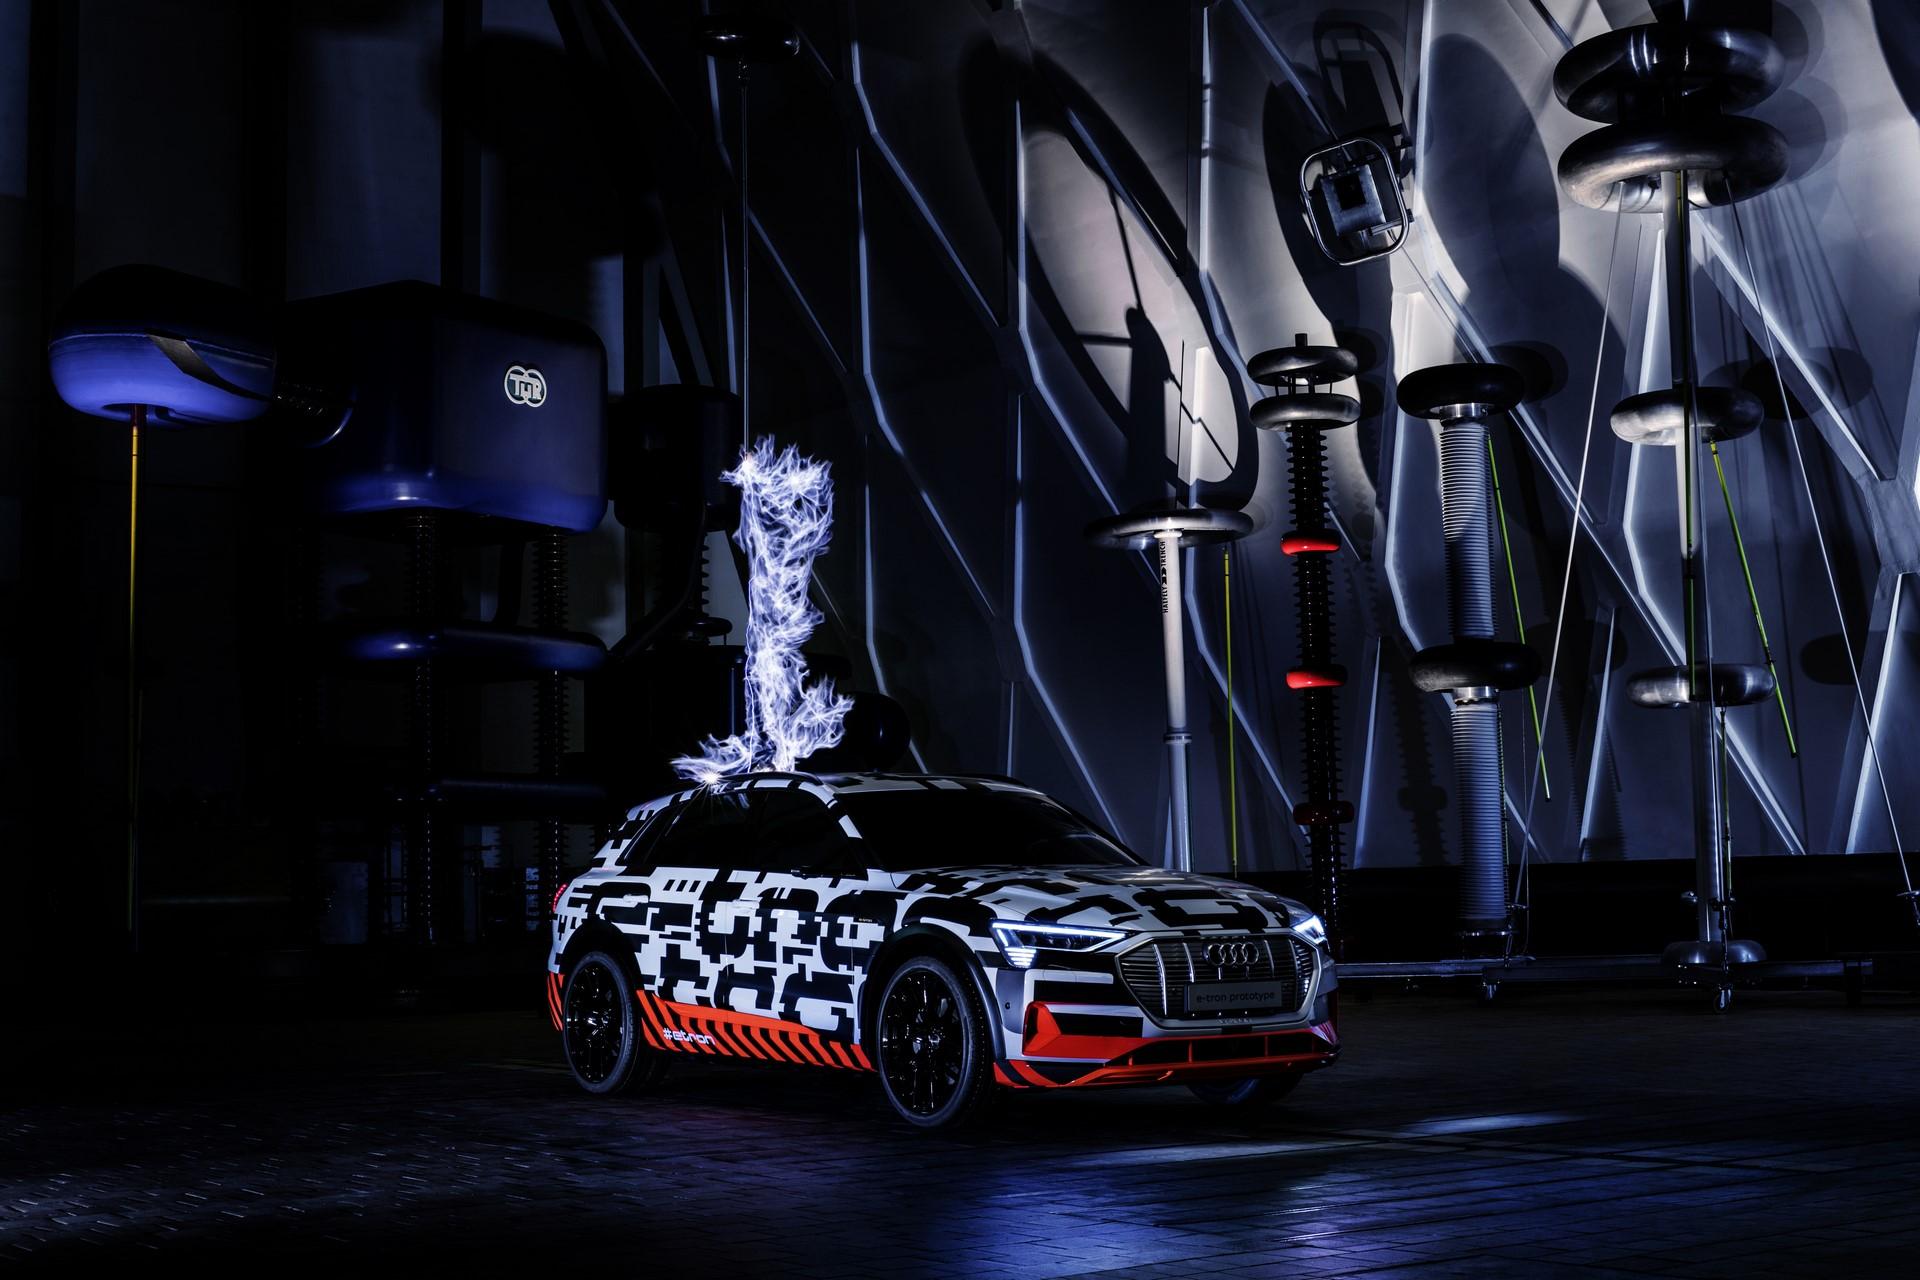 Audi e-tron extreme: High-Voltage at Siemens Schaltwerk Berlin